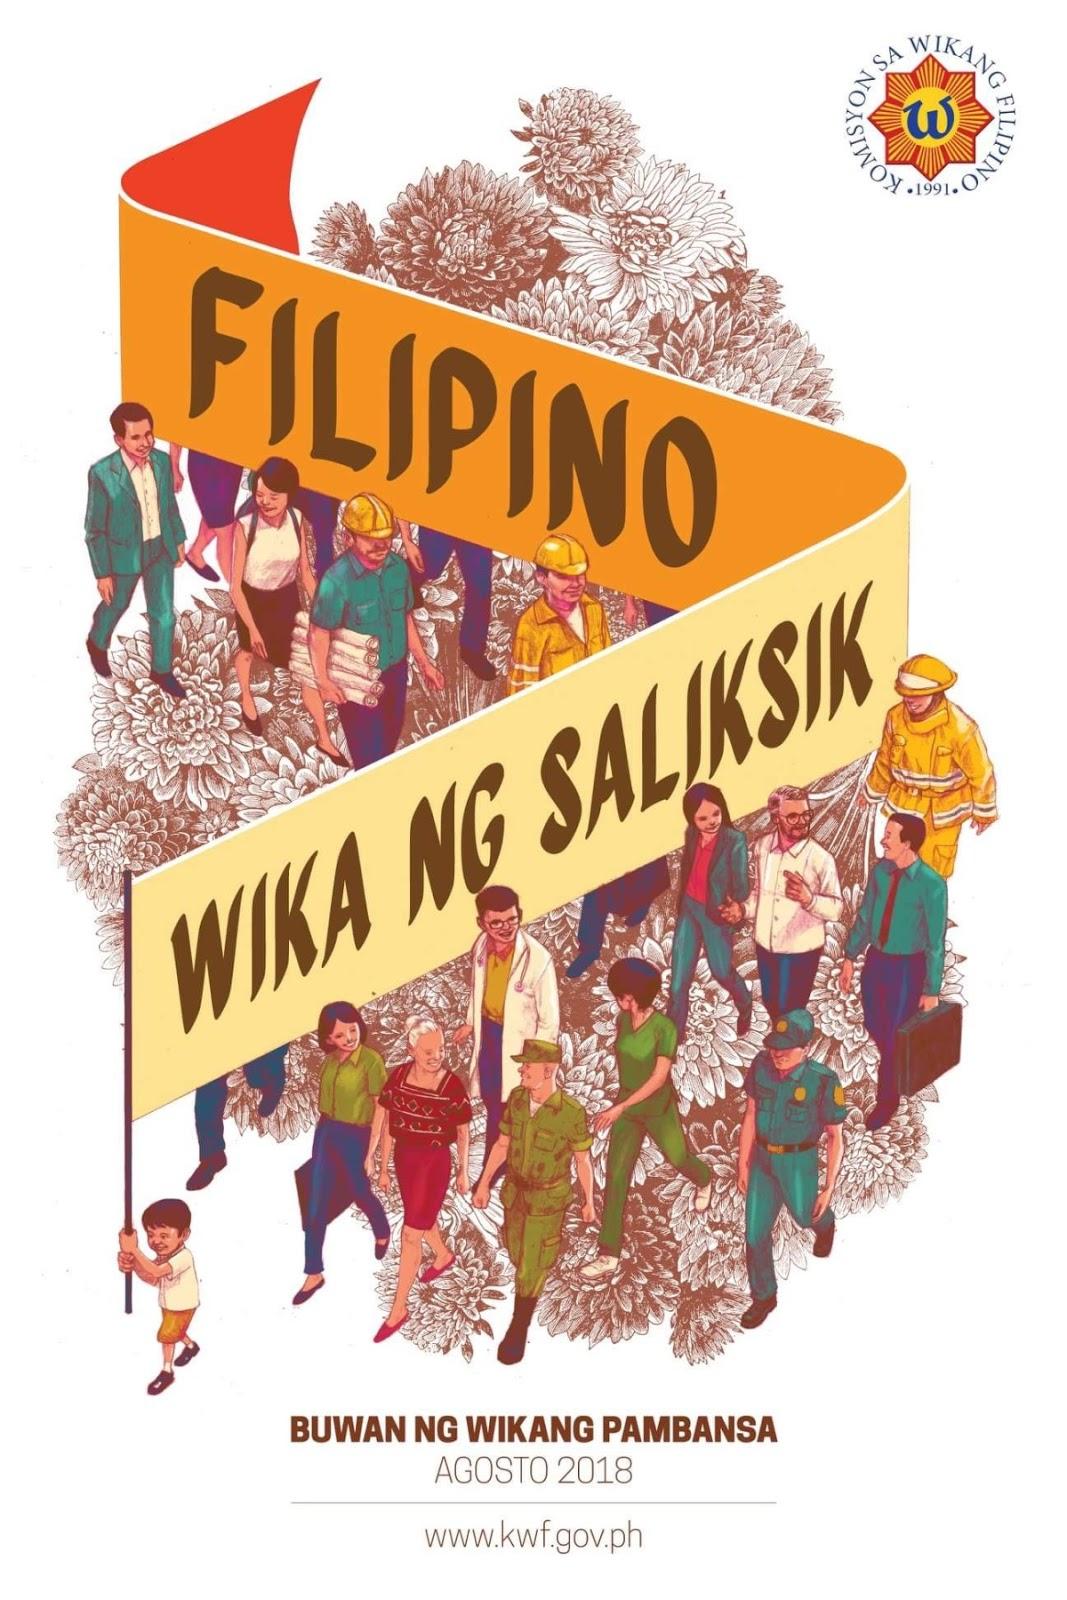 'Buwan ng Wika' 2018 theme, official memo, poster and sample slogan